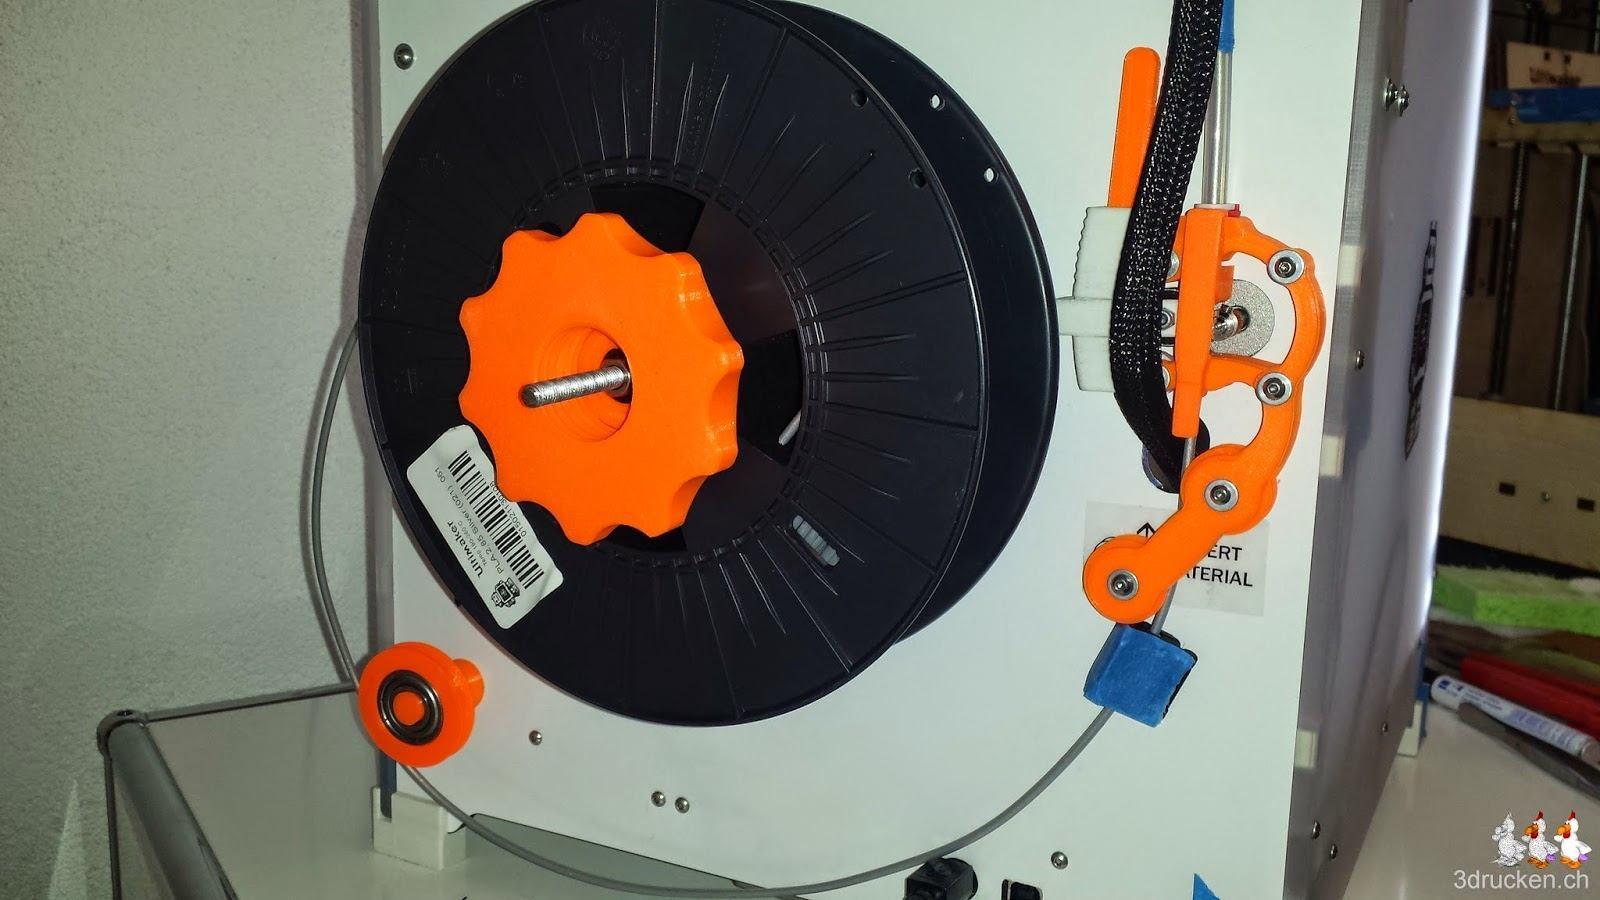 Foto der Rückseite des Ultimaker 2 mit der neu montierten Rollenhalterung Low friction spool holder und der Umlenkrolle mit Kugellager und dem Staubfilter